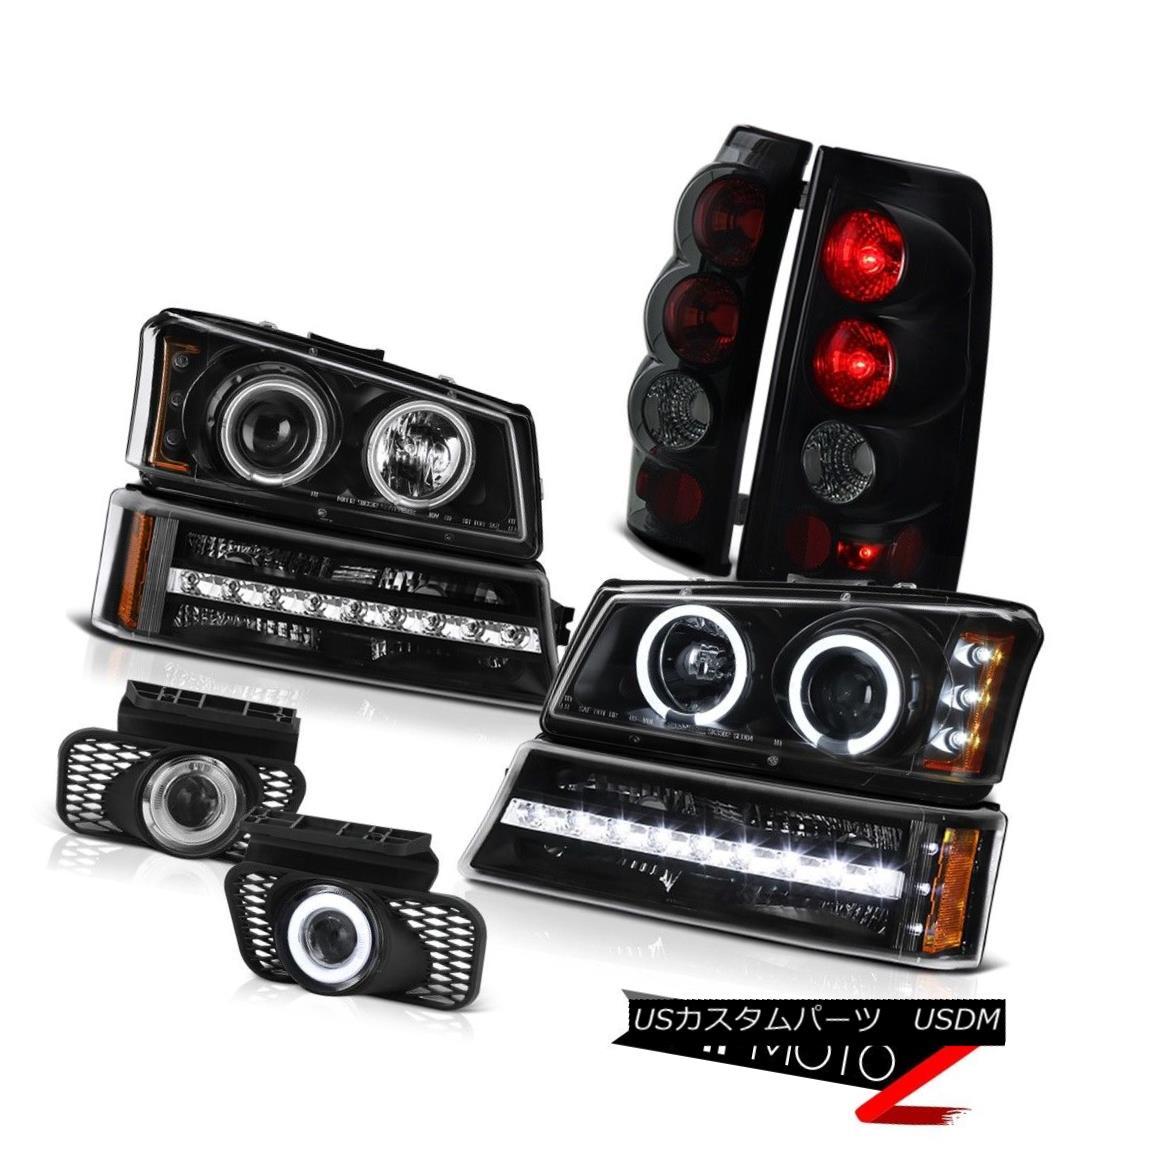 テールライト 03-06 Silverado 2500HD Foglights dark tinted taillamps bumper light headlamps 03-06シルバラード2500HDフォグライトダークテイリングテールランプバンパーライトヘッドランプ